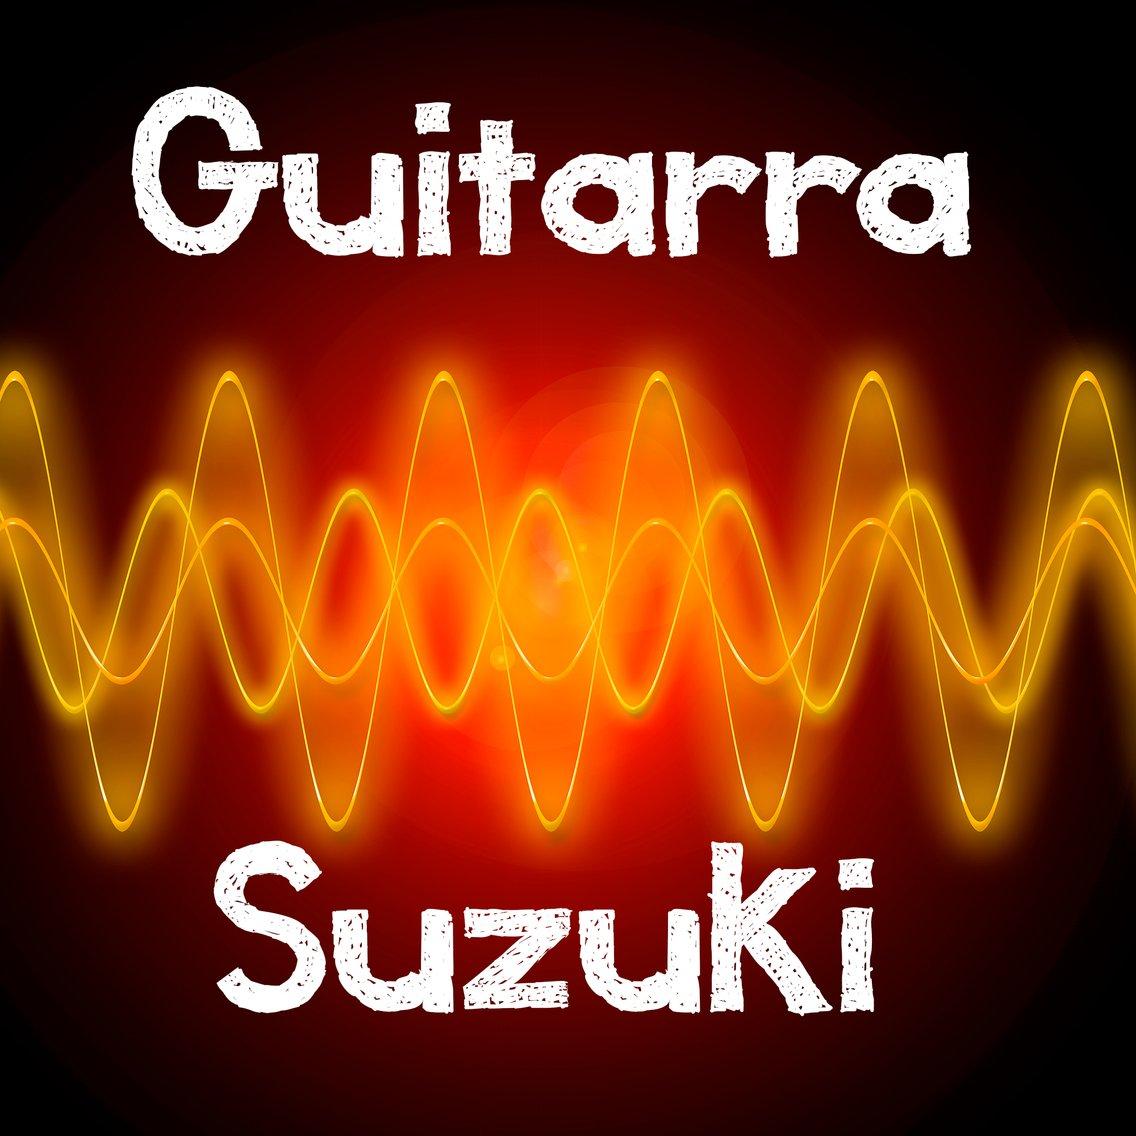 Canciones de Guitarra Suzuki - imagen de portada